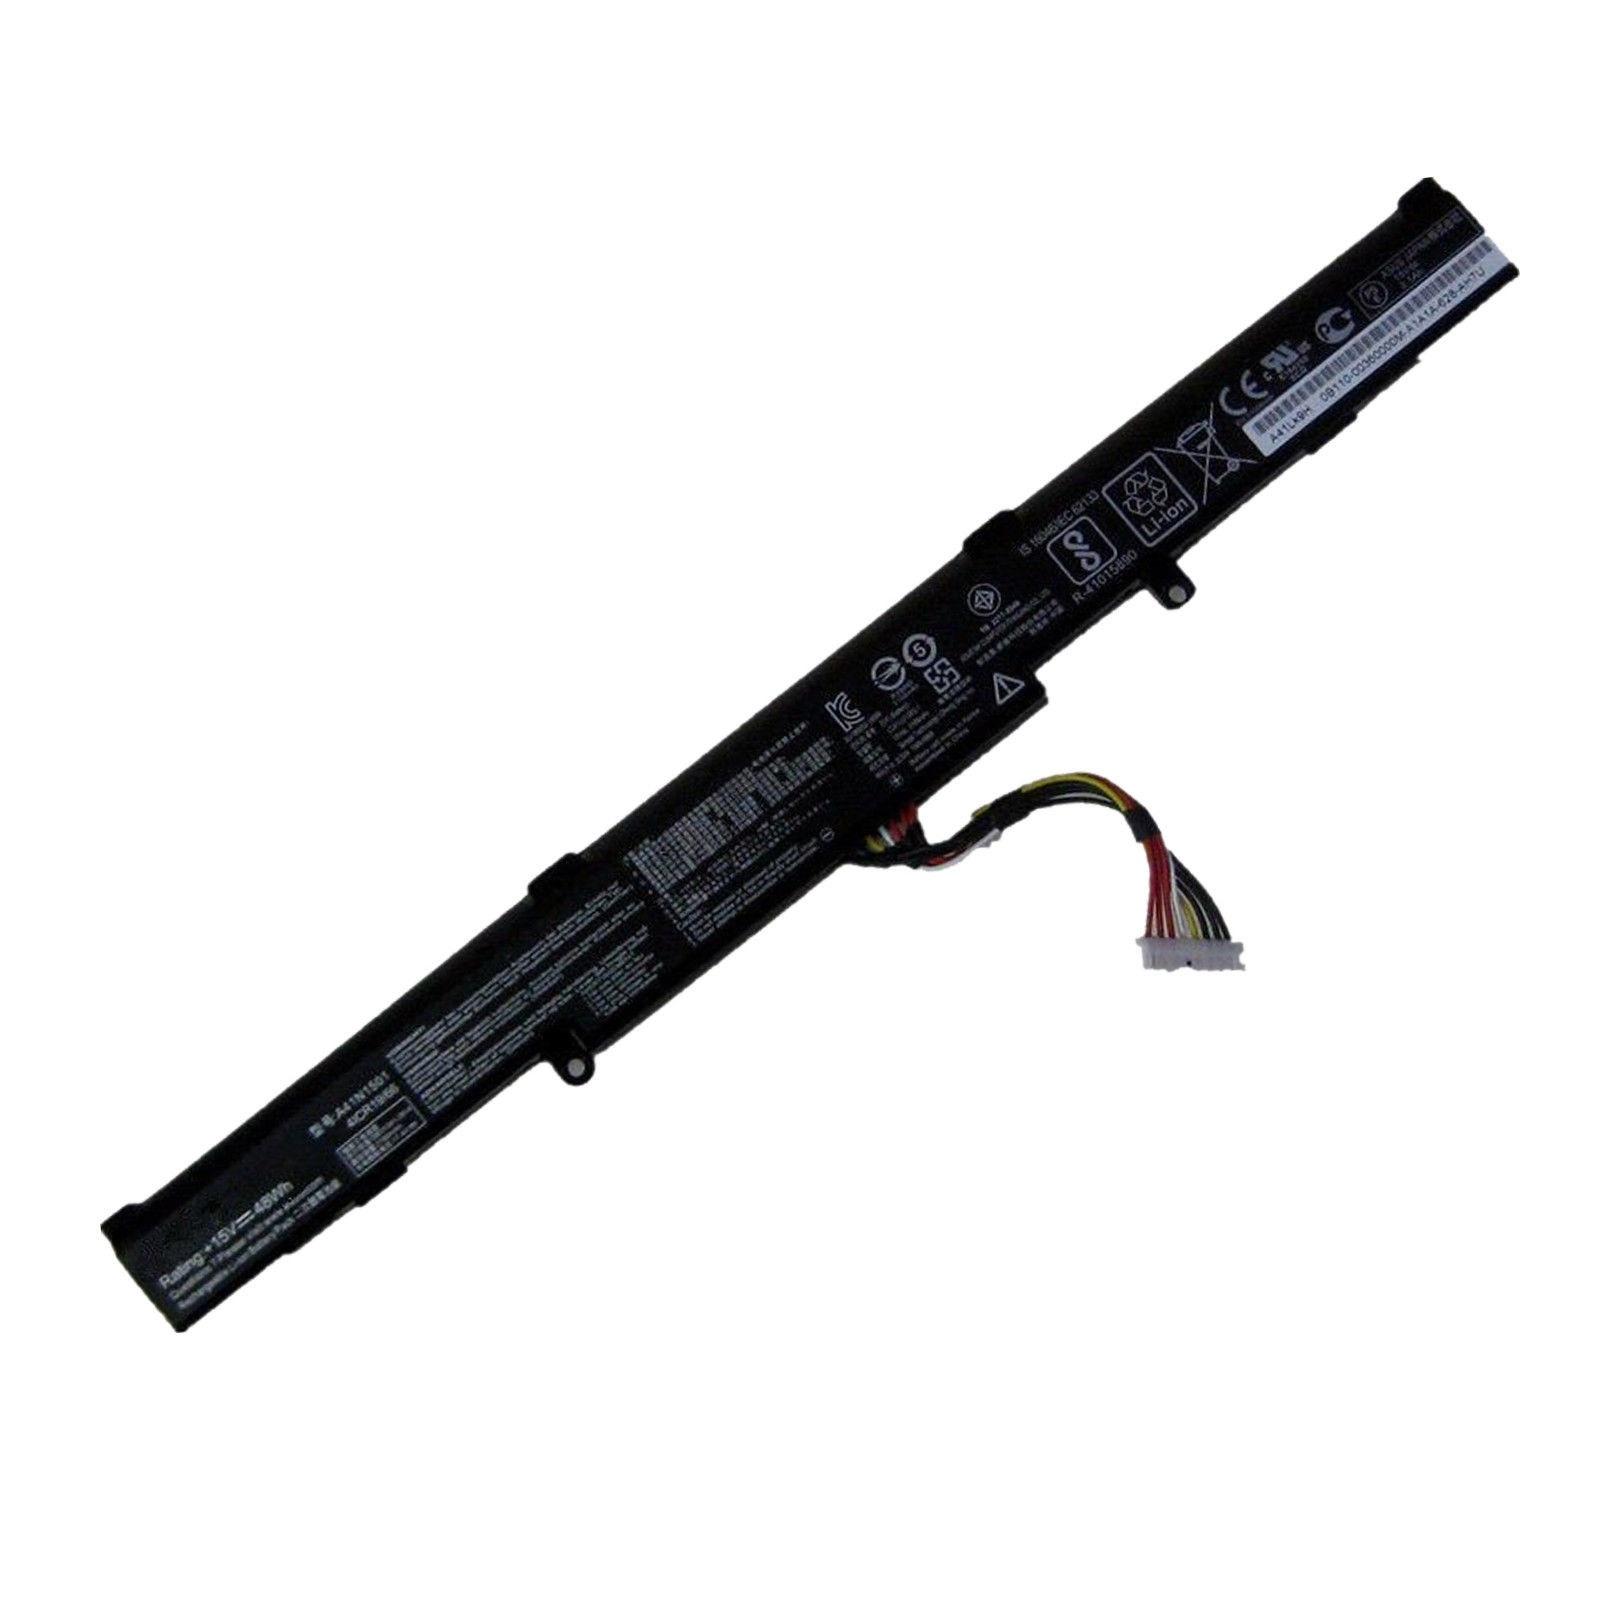 Batterie pour ASUS ROG GL752VL-2B GL752VW-T4243T G752VW N552VX N752VW(compatible)